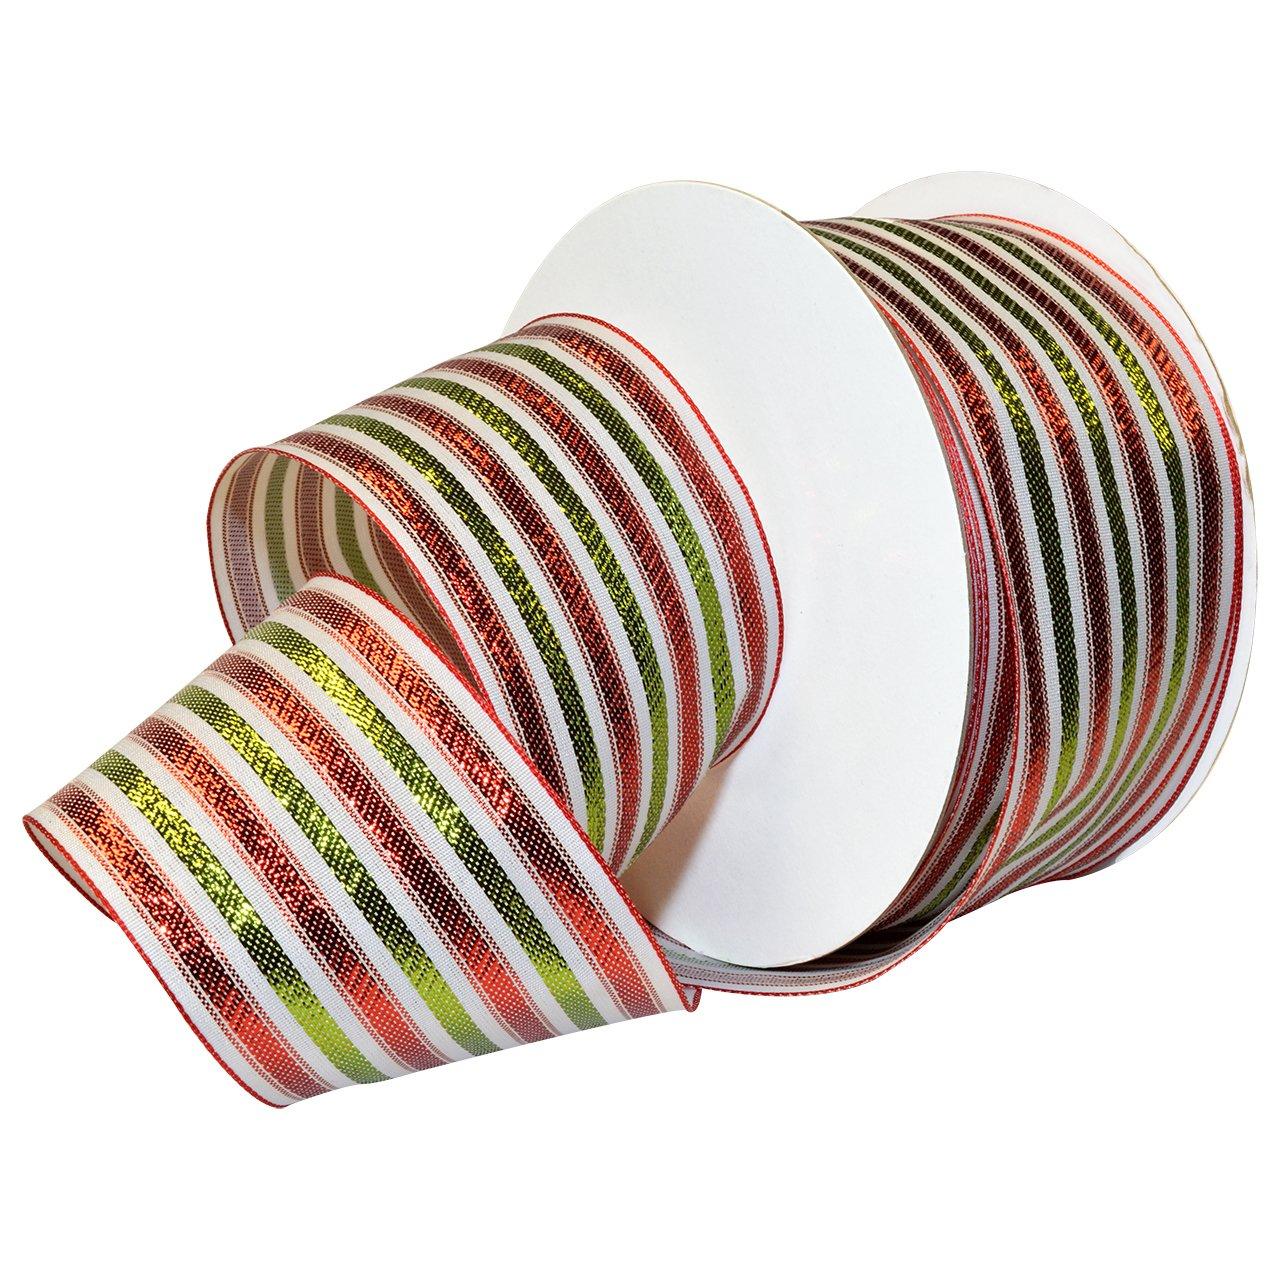 Morex Ribbon 7487.60/50-699 フレンチワイヤー ポリエステル バロックノール リボン、2 1/2 x 50 ヤード、ホワイト/グリーン/レッド   B016QCDRBE